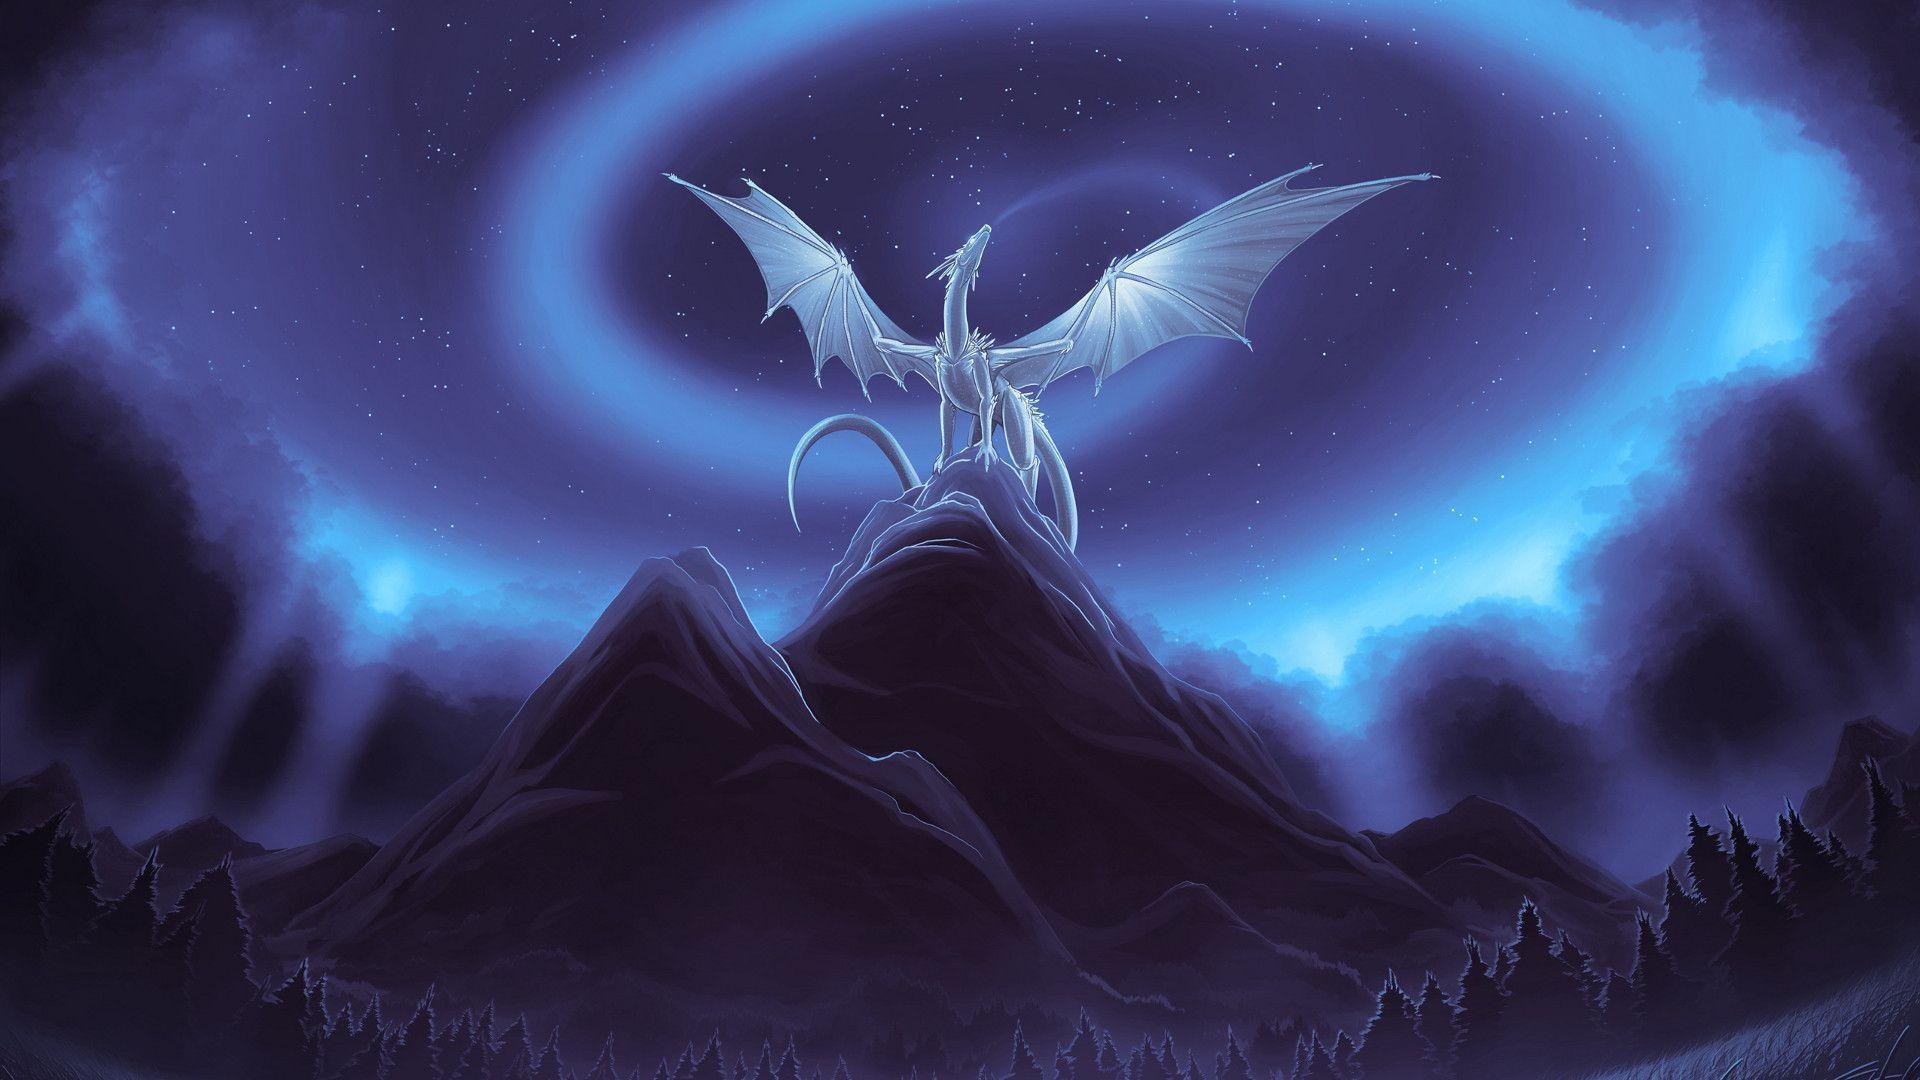 130 Blue Dragon Wallpaper Hd